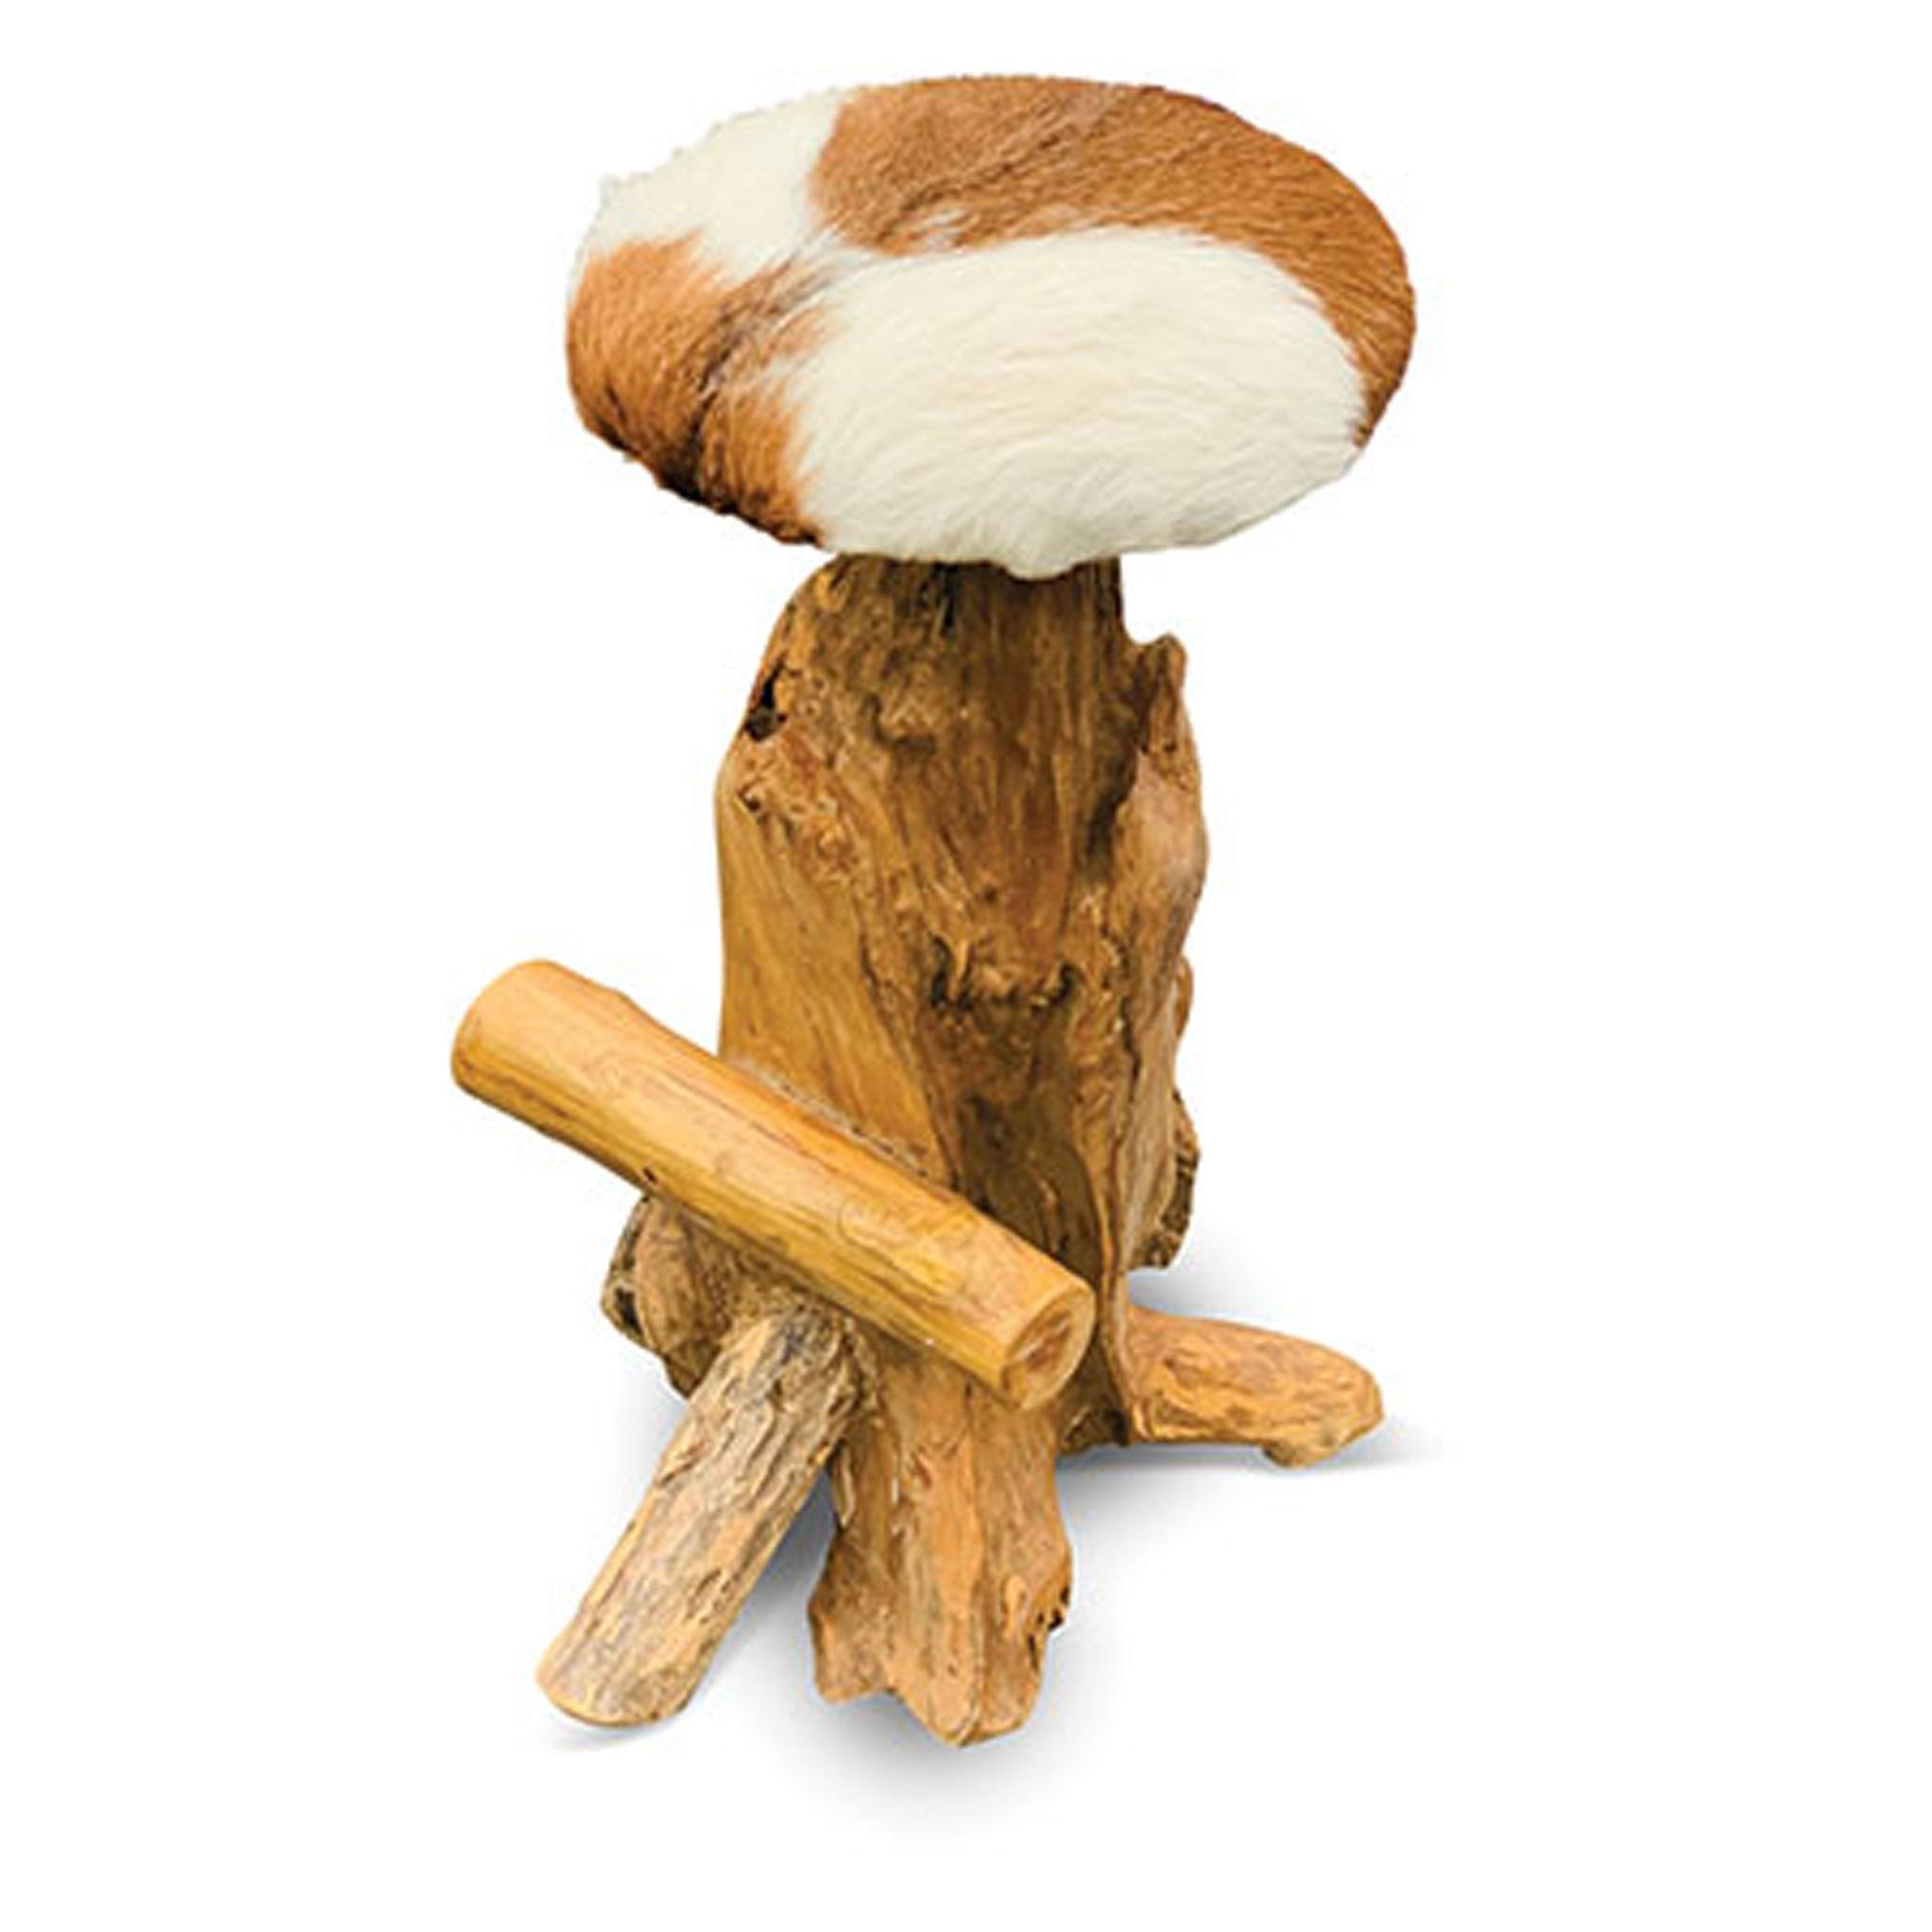 Miraculous Teak Root Round Bar Stool Goat Skin Inzonedesignstudio Interior Chair Design Inzonedesignstudiocom